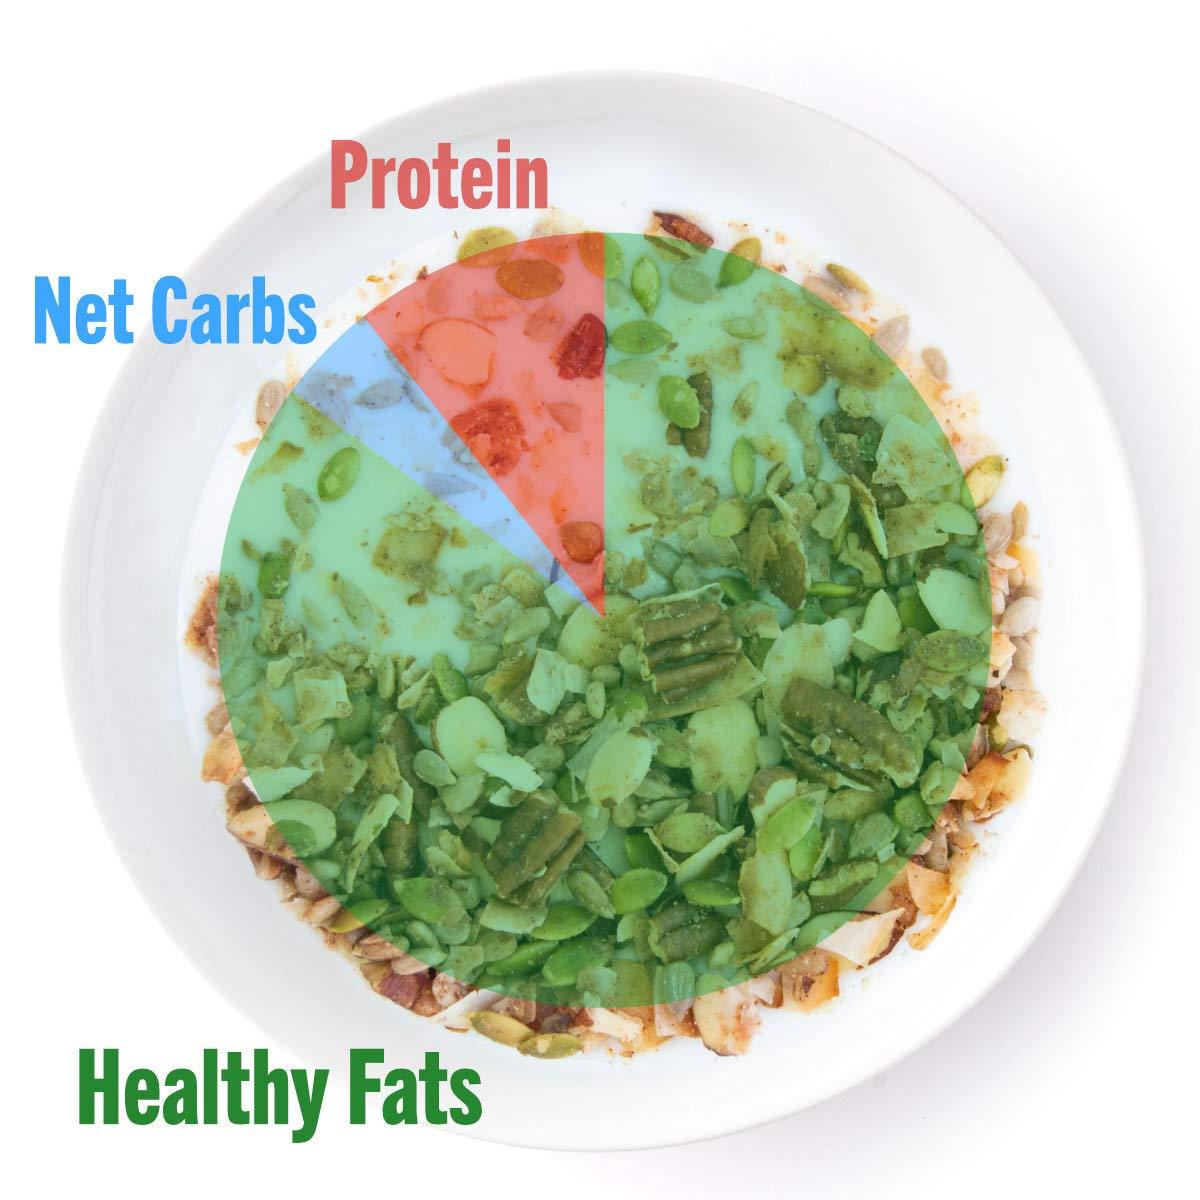 Keto Nut Granola Healthy Breakfast Cereal